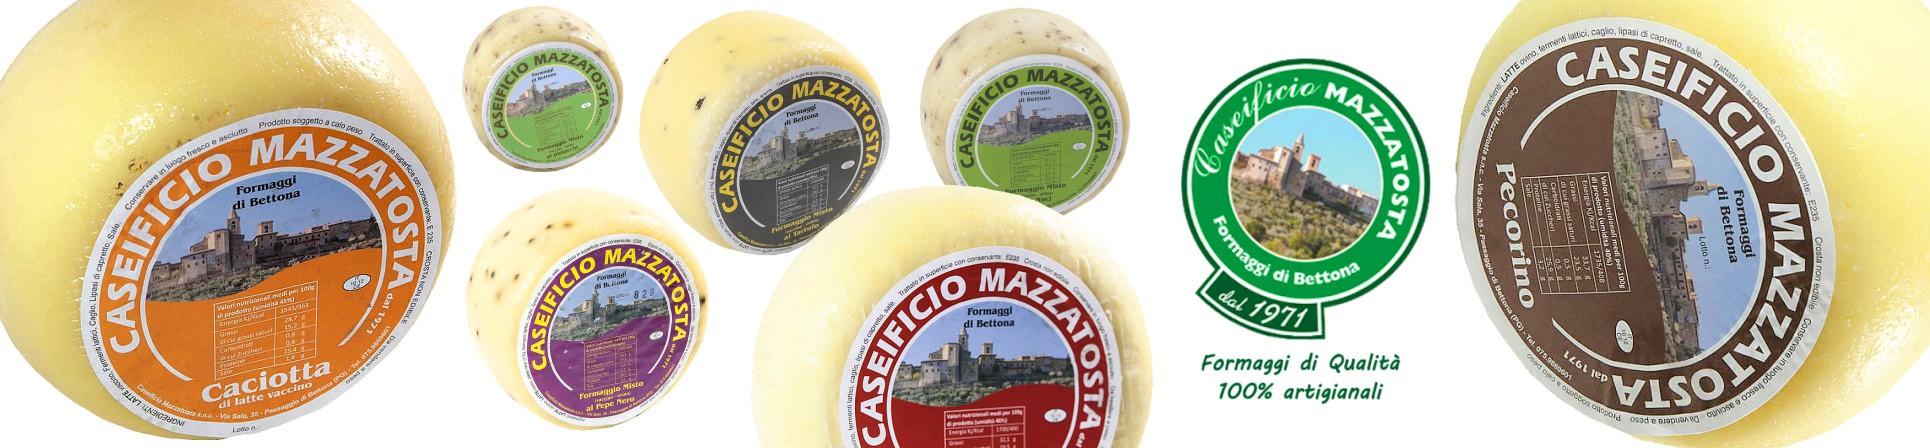 formaggi, caciotte e pecorino vendita online - Formaggi di Bettona Caseificio Mazzatosta Ilario